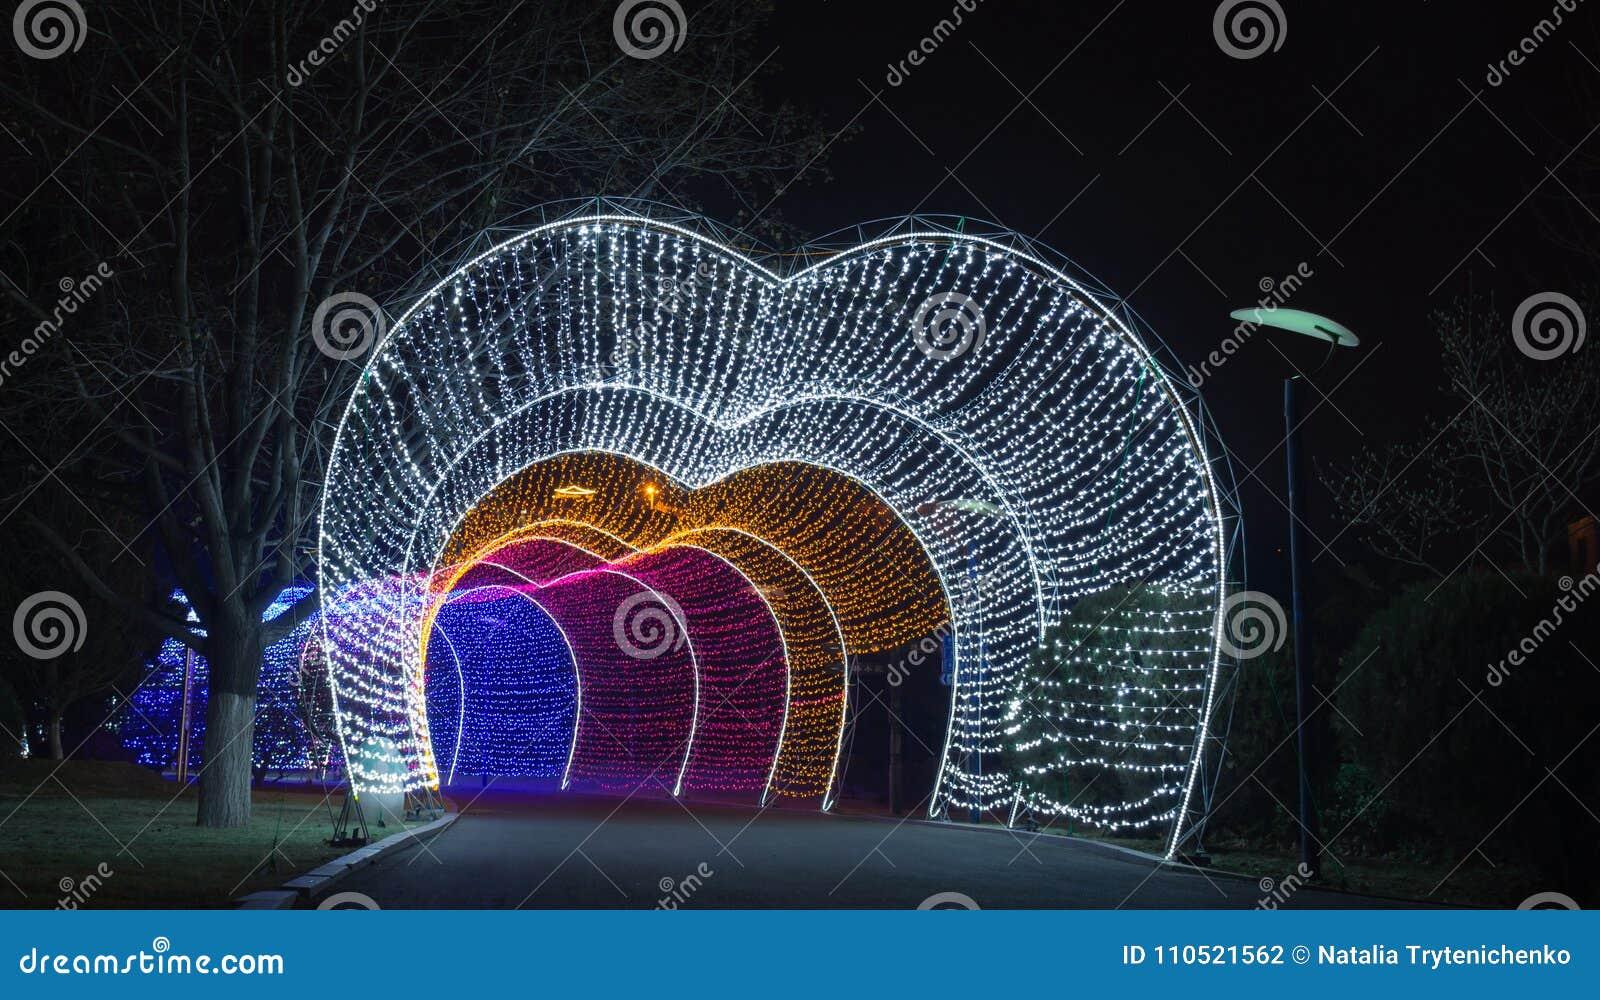 Cammini dal tunnel leggero della ghirlanda in una città alla notte